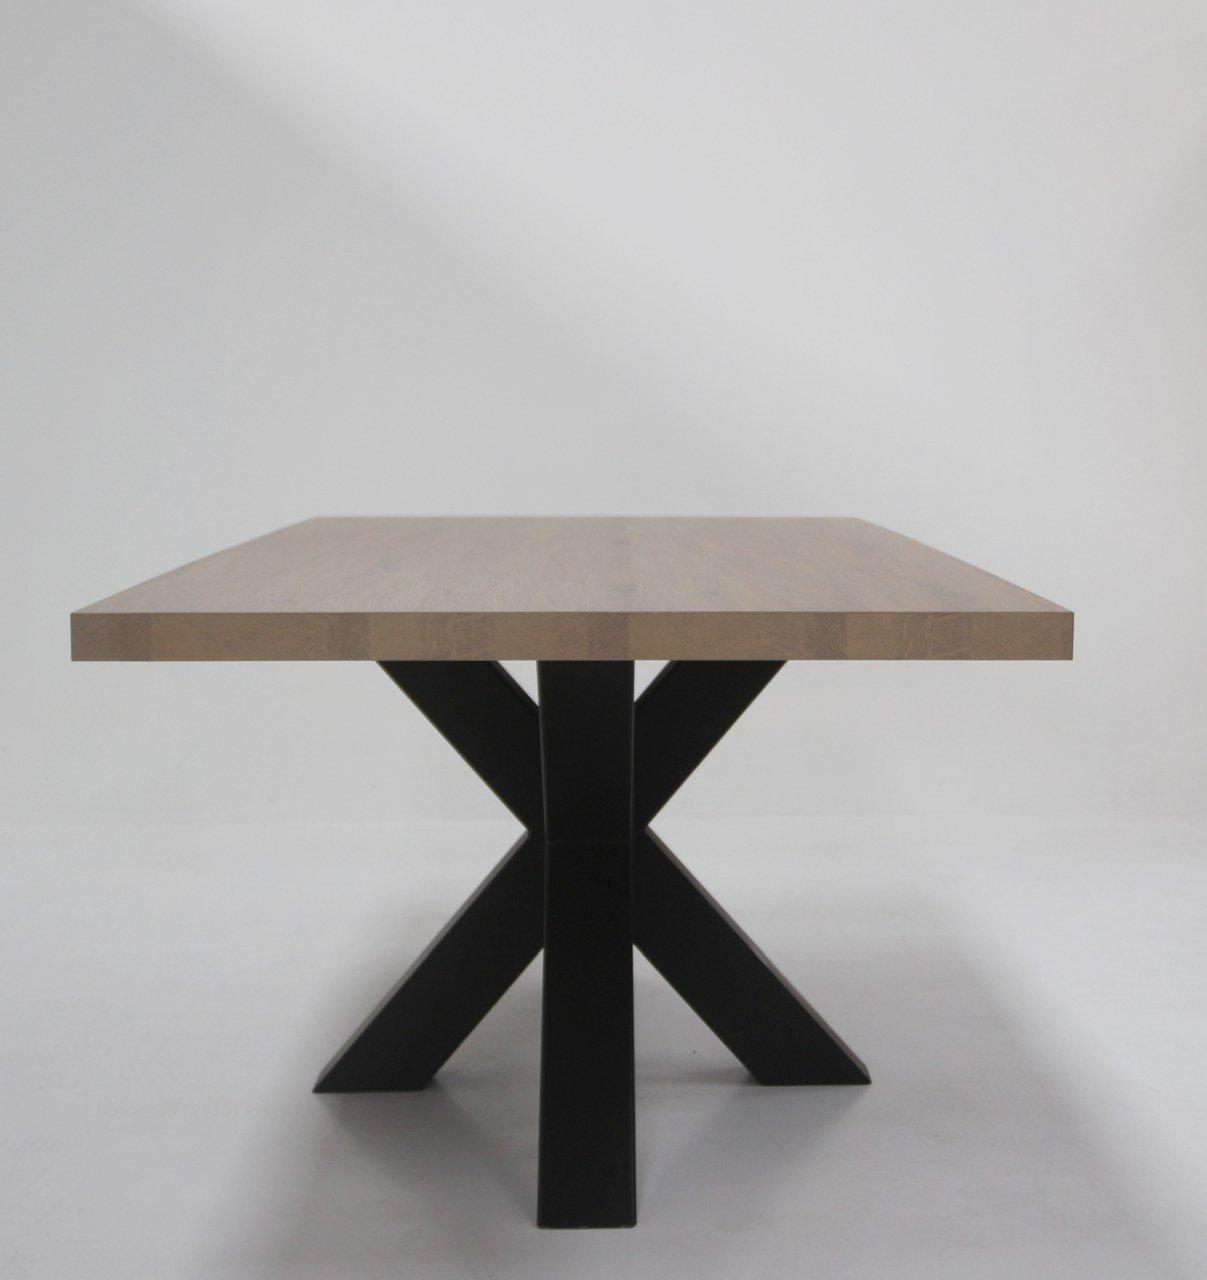 Wunderbar Esstisch Mit Mittelfuß Galerie Von Idea Metall Sterne Mittelfuß Celio, Tischplatte 50